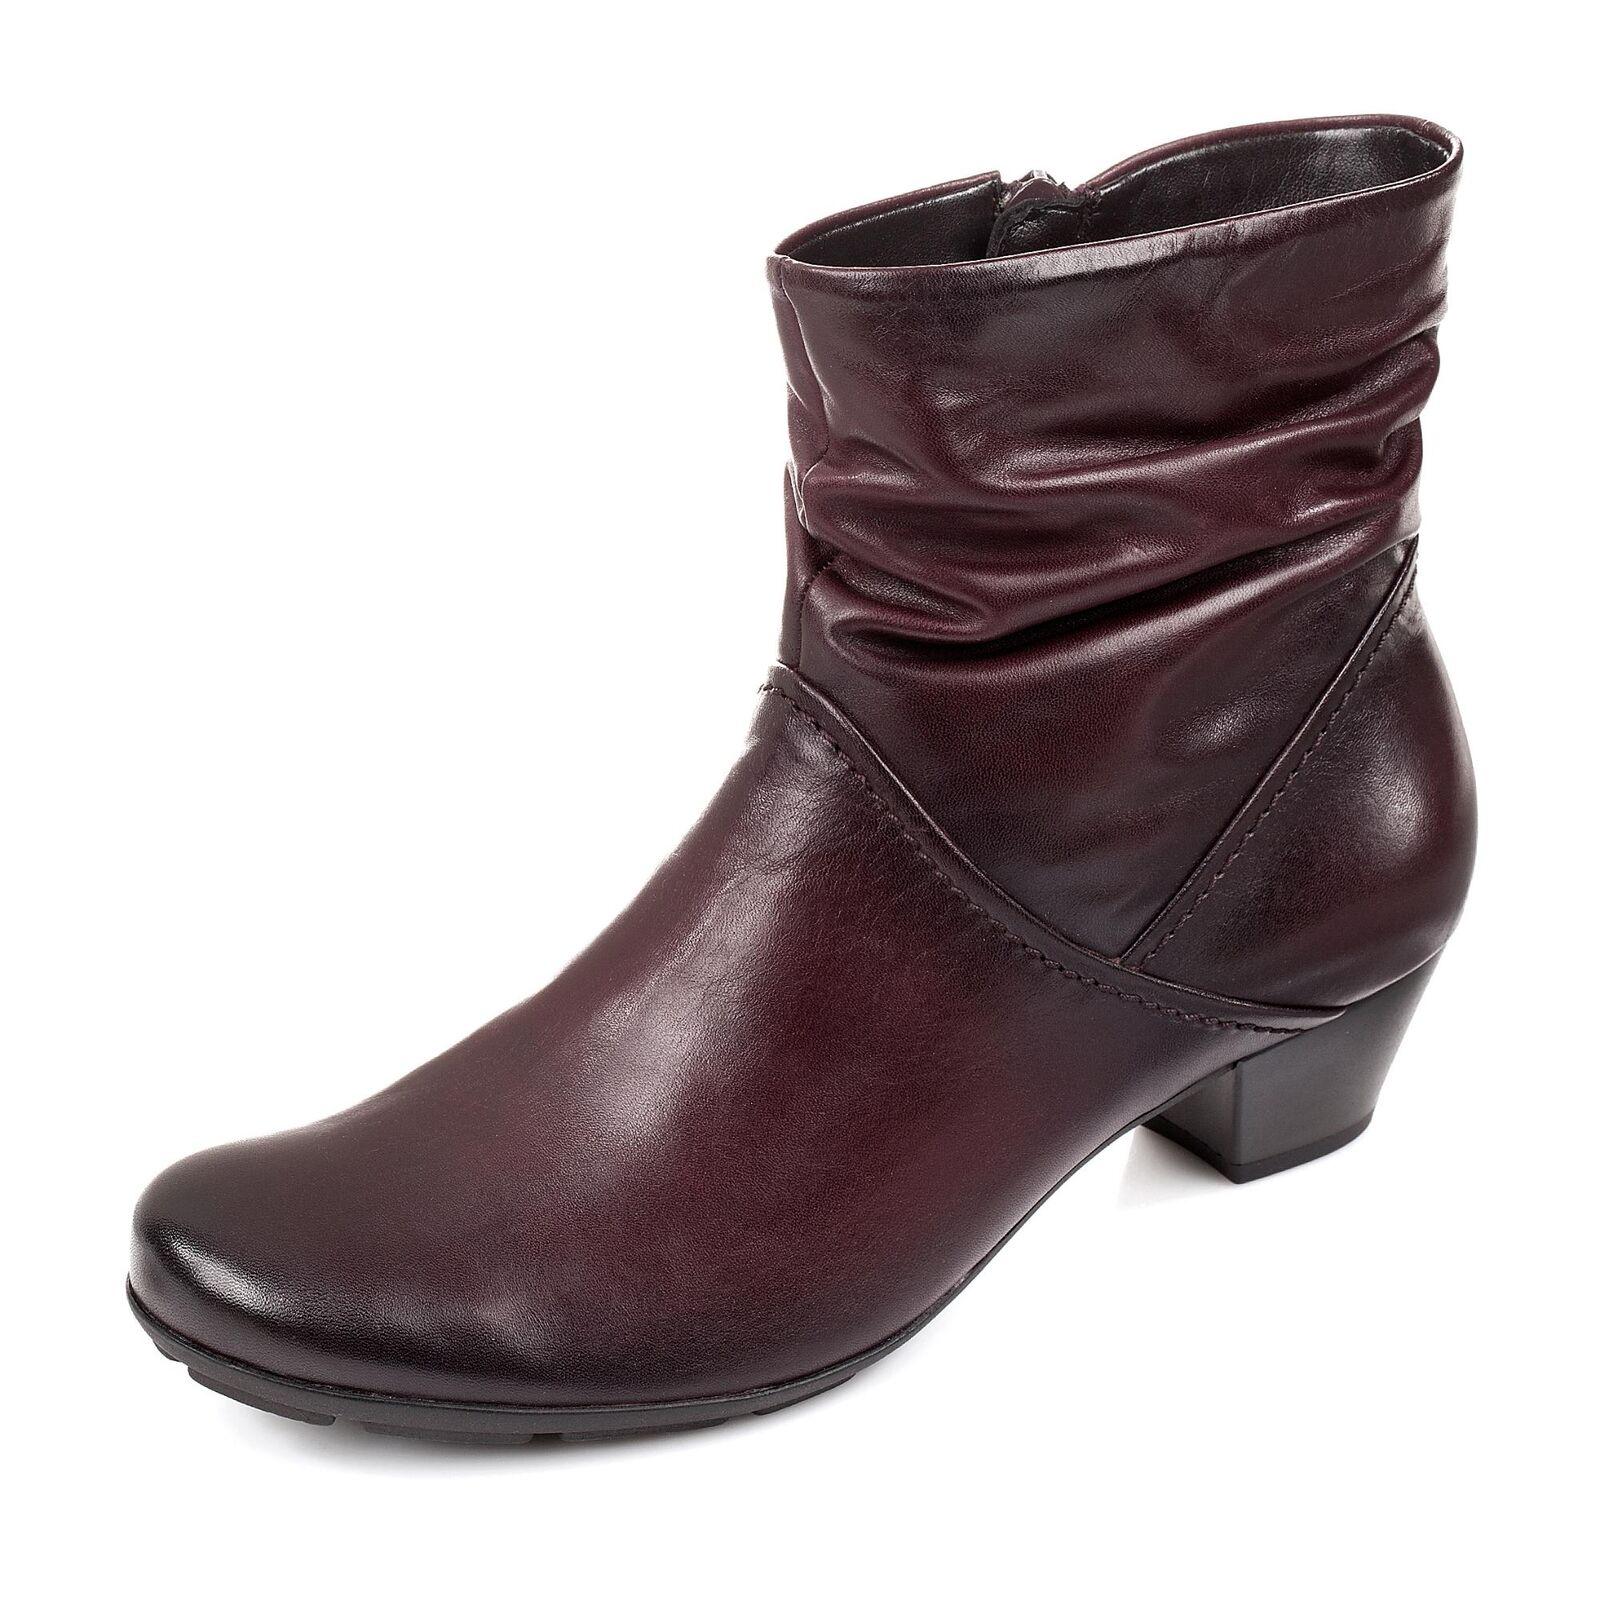 Gabor Damen Stiefelette Stiefel Bootie Glattleder Antik-Finish Blockabsatz Schuhe